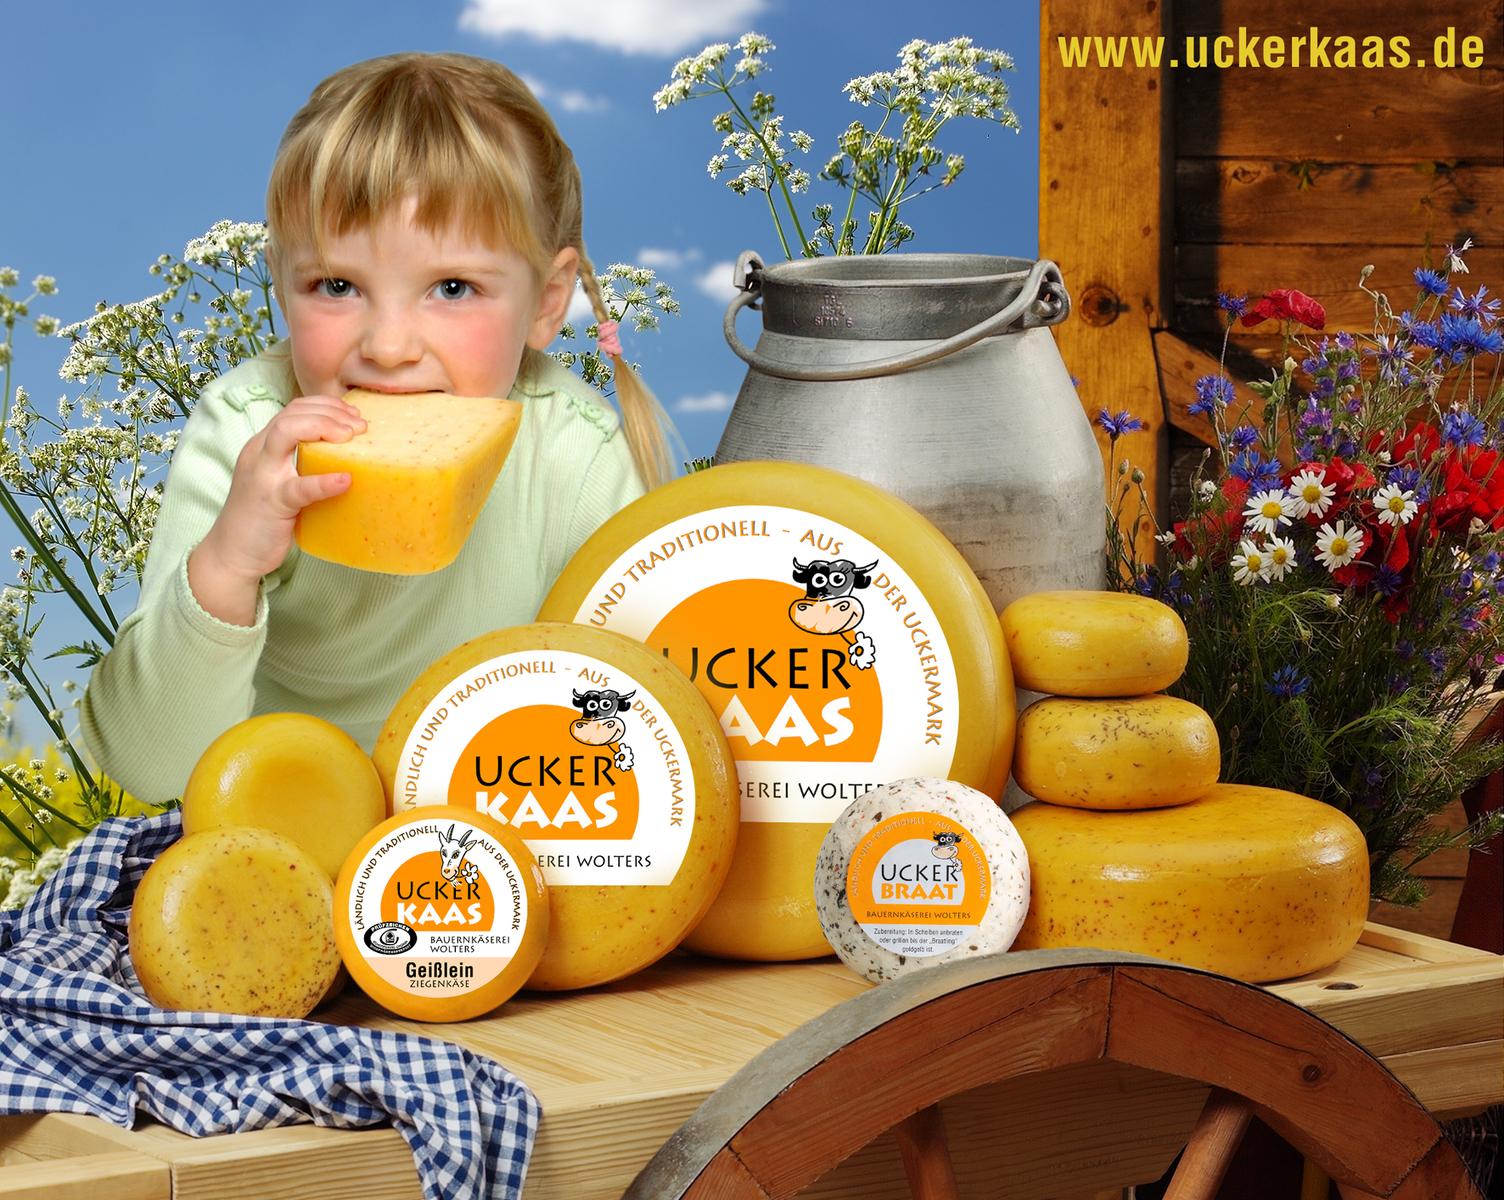 Uckerkaas - Bauernkäserei Wolters